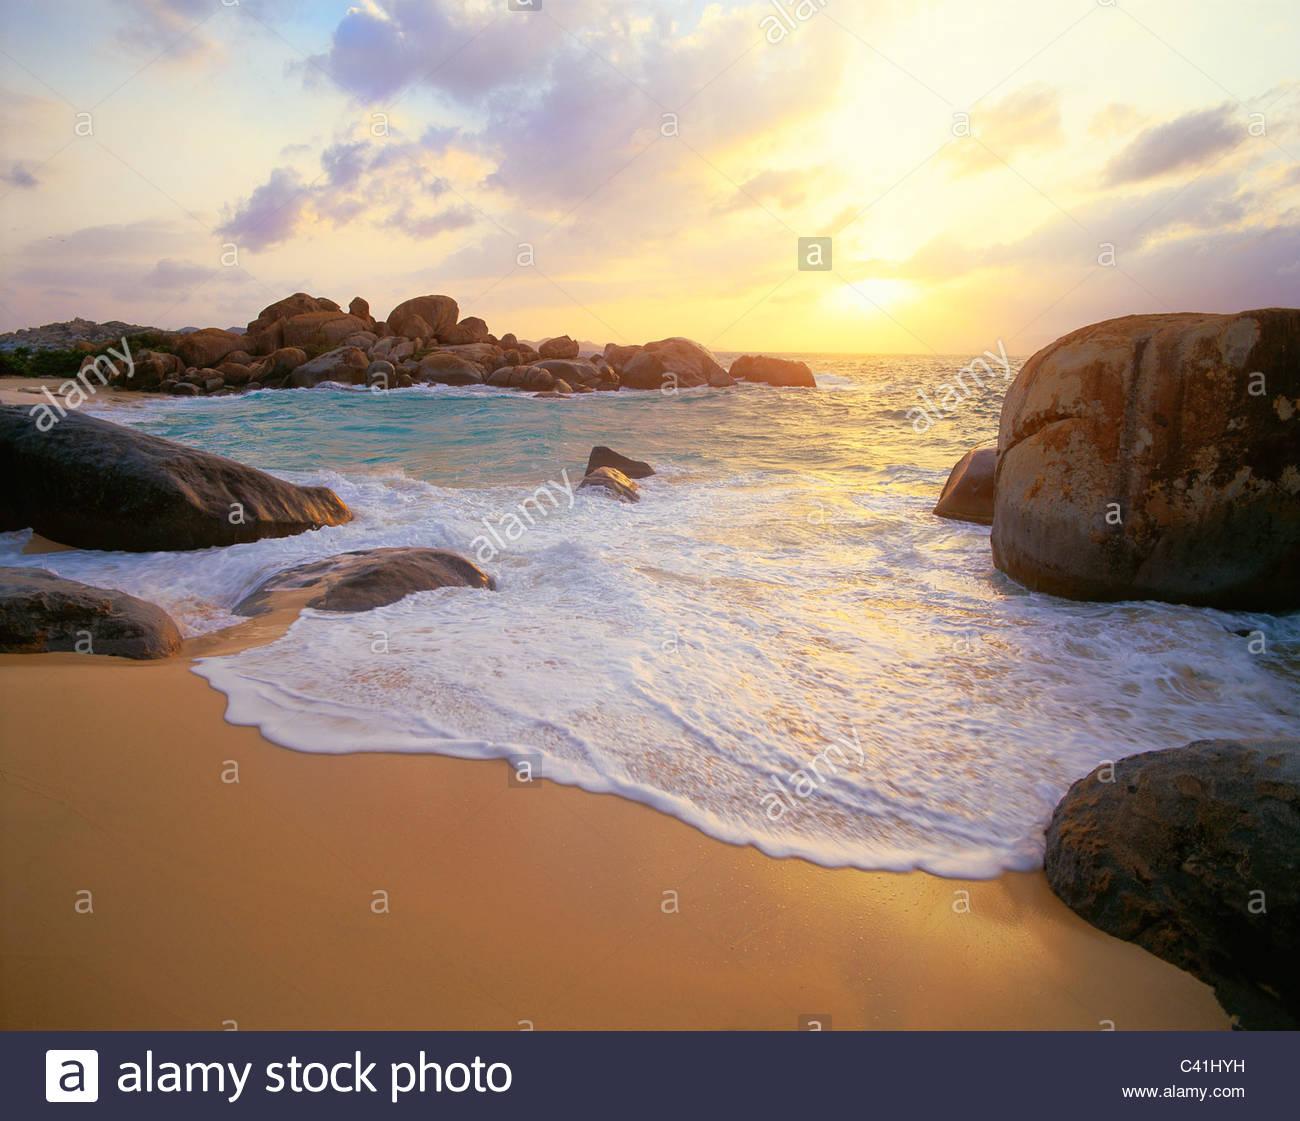 [Les Bains] au coucher du soleil. [L'île de Virgin Gorda] [Îles Vierges Britanniques] Caraïbes Banque D'Images